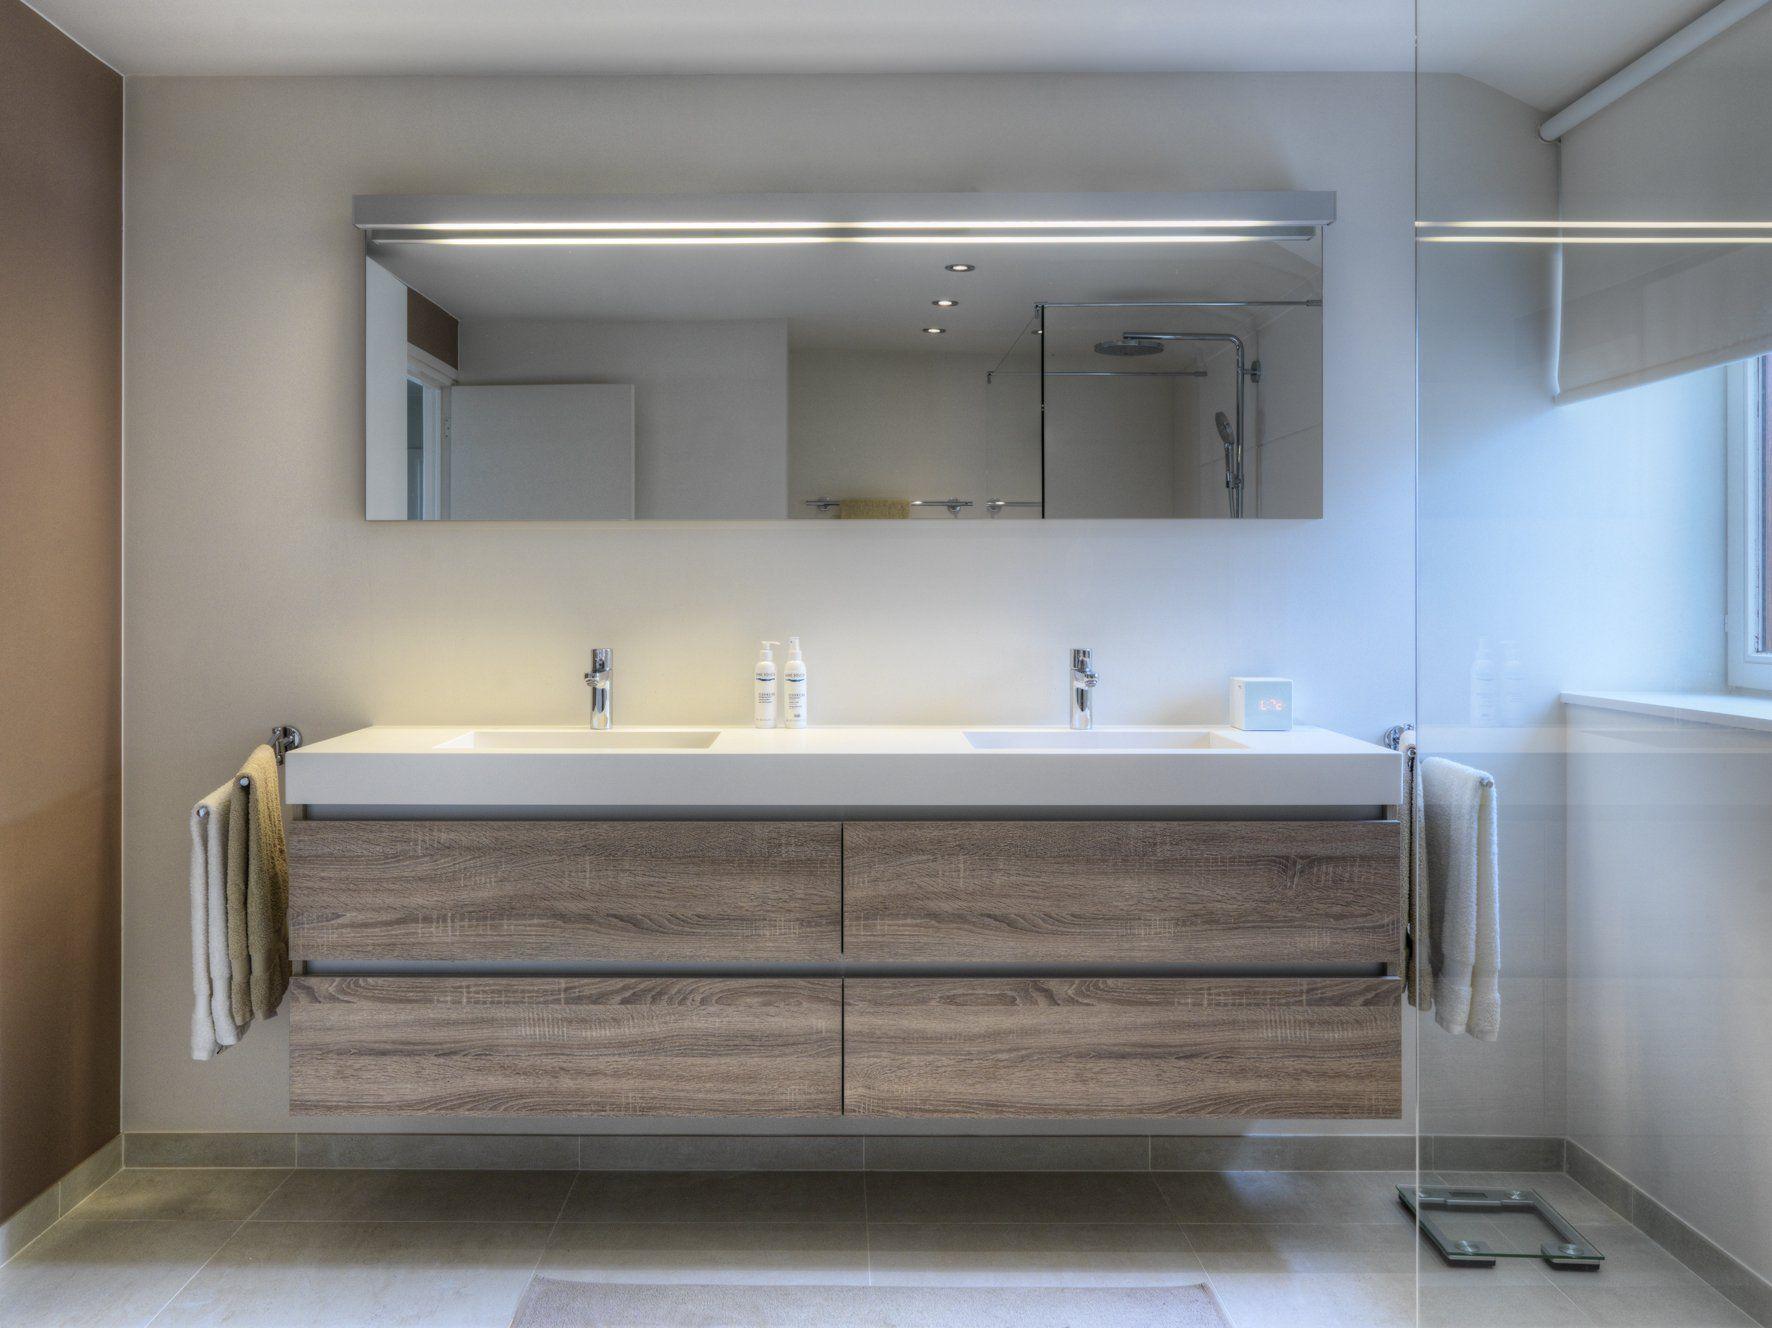 Afbeeldingsresultaat Voor Badkamer Wastafel Lade Industrieel